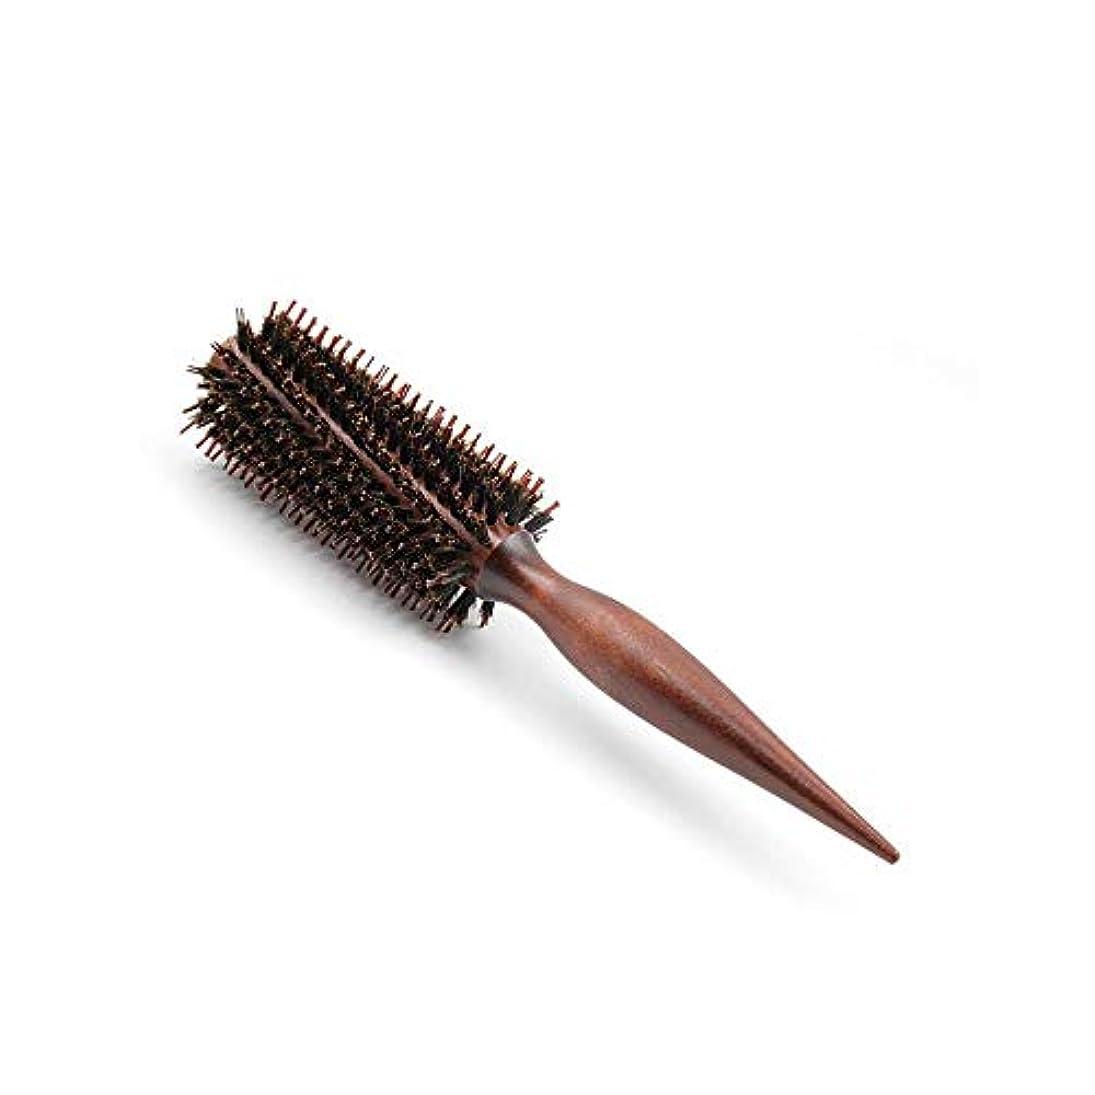 ロマンチック対話恵みFashian髪の毛ラウンドブラシはサロンのヘアデザインのためのドライ木製ローリングくしフェラ ヘアケア (Design : Twill, サイズ : 12 rows)